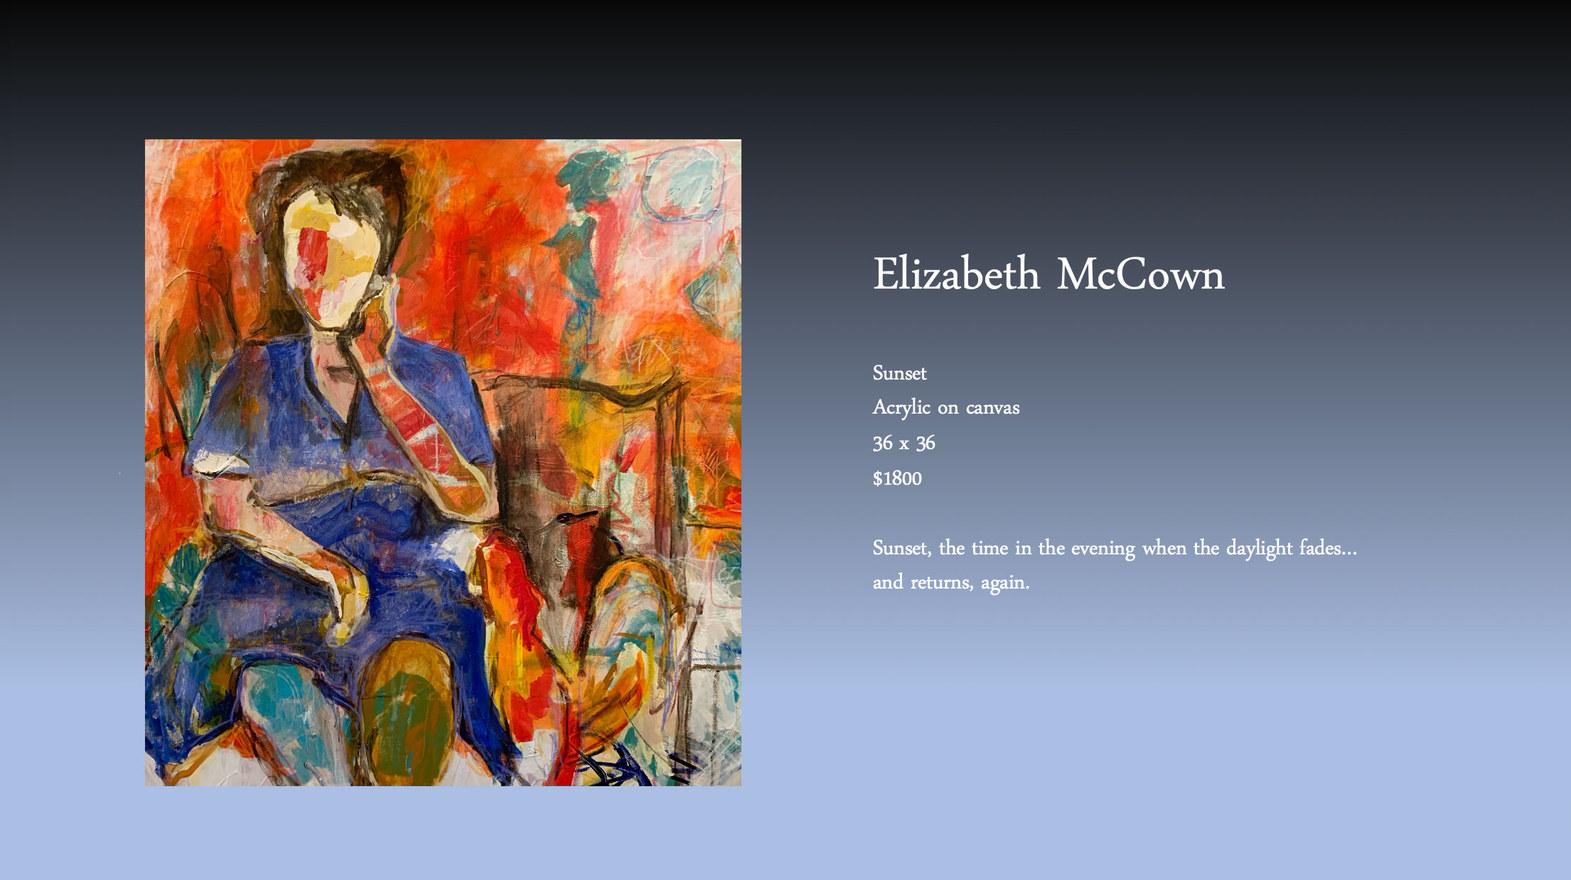 Elizabeth McCown